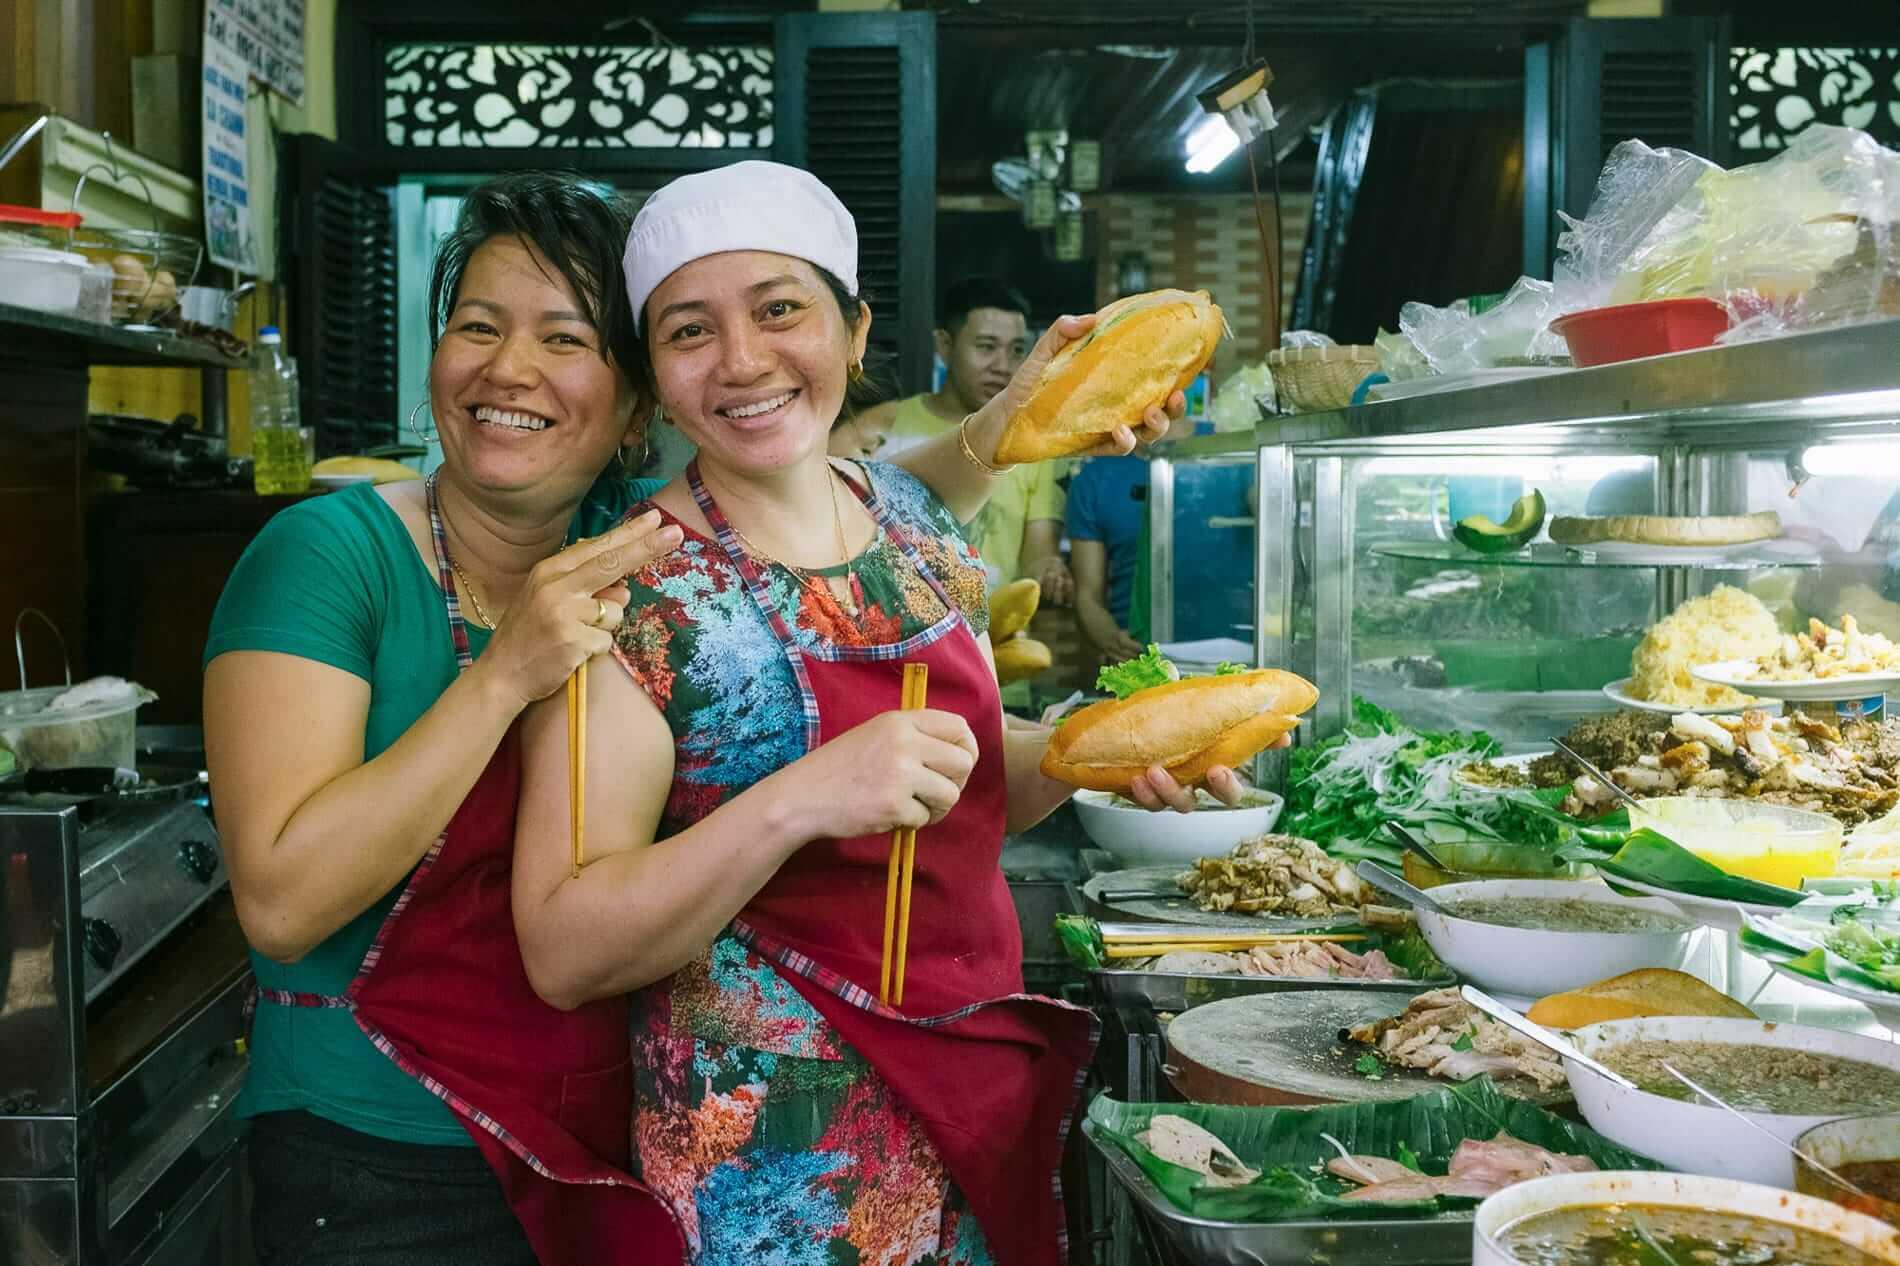 Staff at Banh Mi Phuong